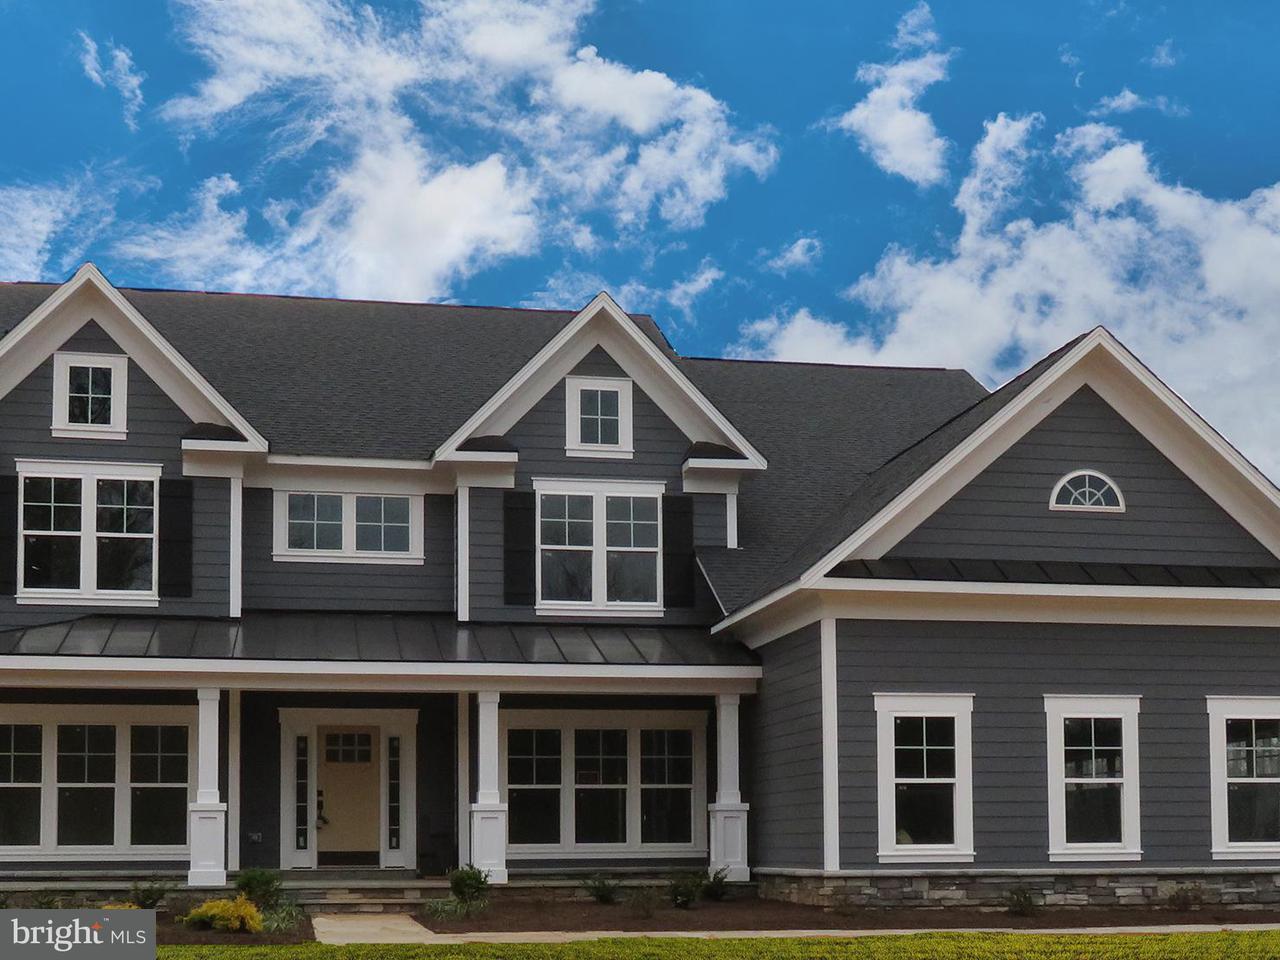 Частный односемейный дом для того Продажа на 3825 Maple Hill Road 3825 Maple Hill Road Fairfax, Виргиния 22033 Соединенные Штаты